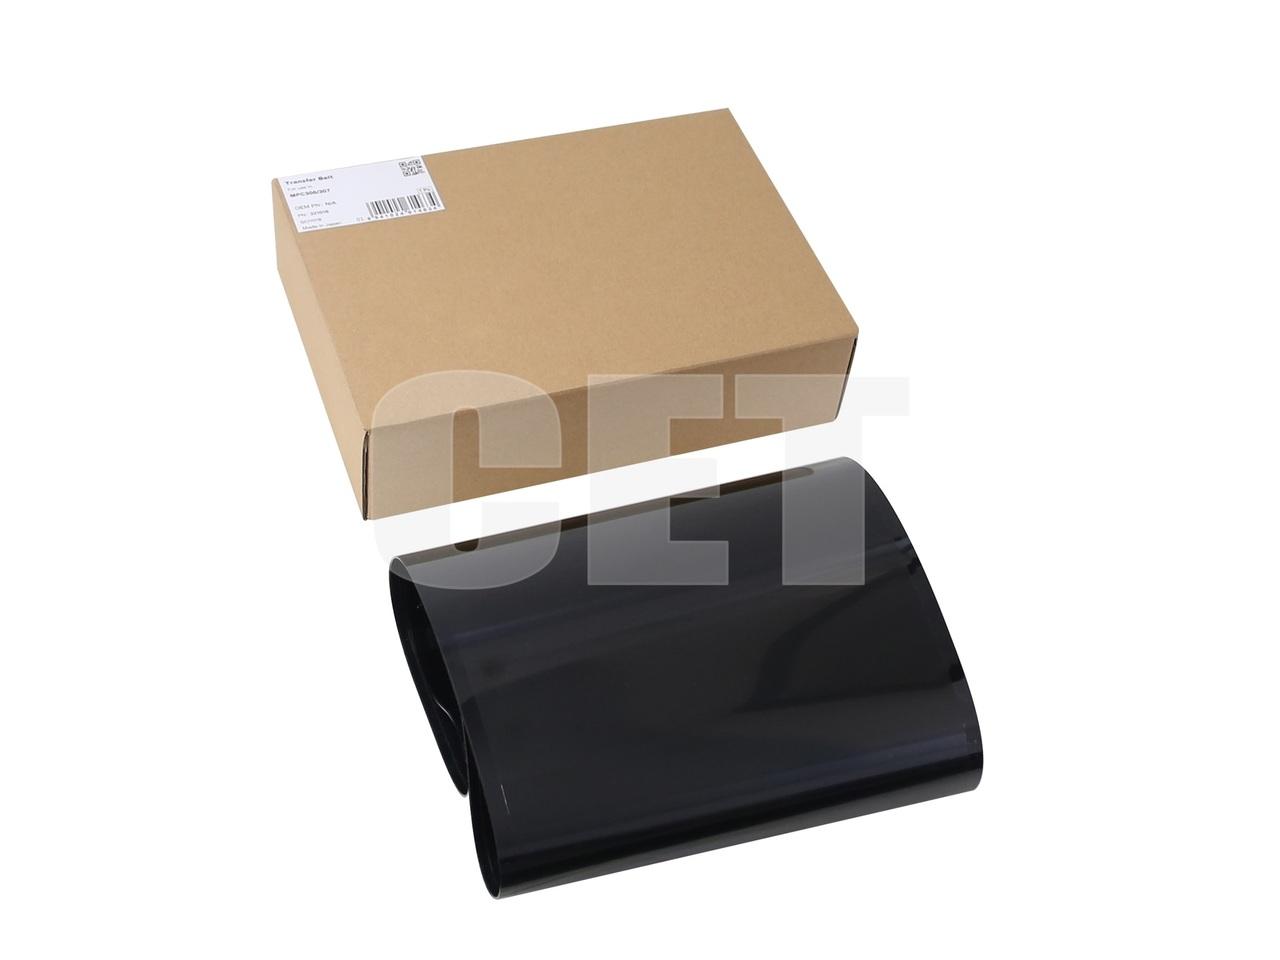 Лента переноса (Япония) M026-6124 для RICOH AficioSPC430DN/431DN/MPC300/400 (CET), CET321017